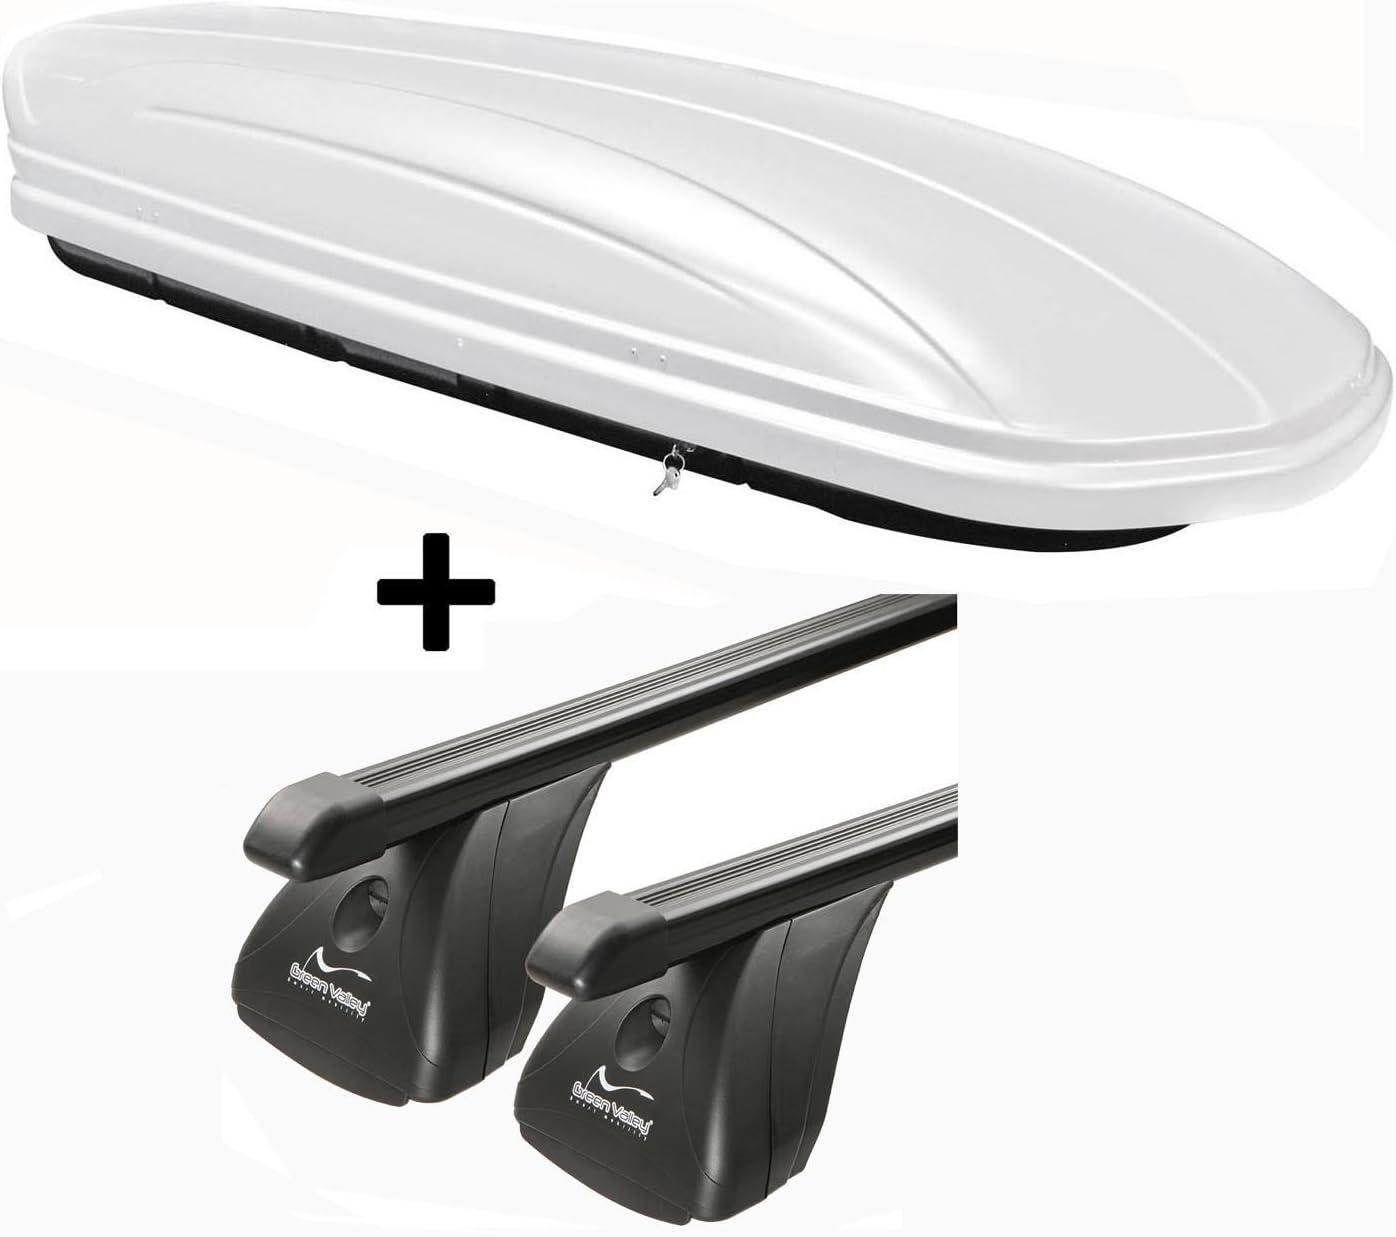 5 Portes /à partir de 2015 Barres de Toit en Aluminium RB003 Compatible avec Volkswagen Touran VDPMAA320 Coffre de Toit verrouillable Noir